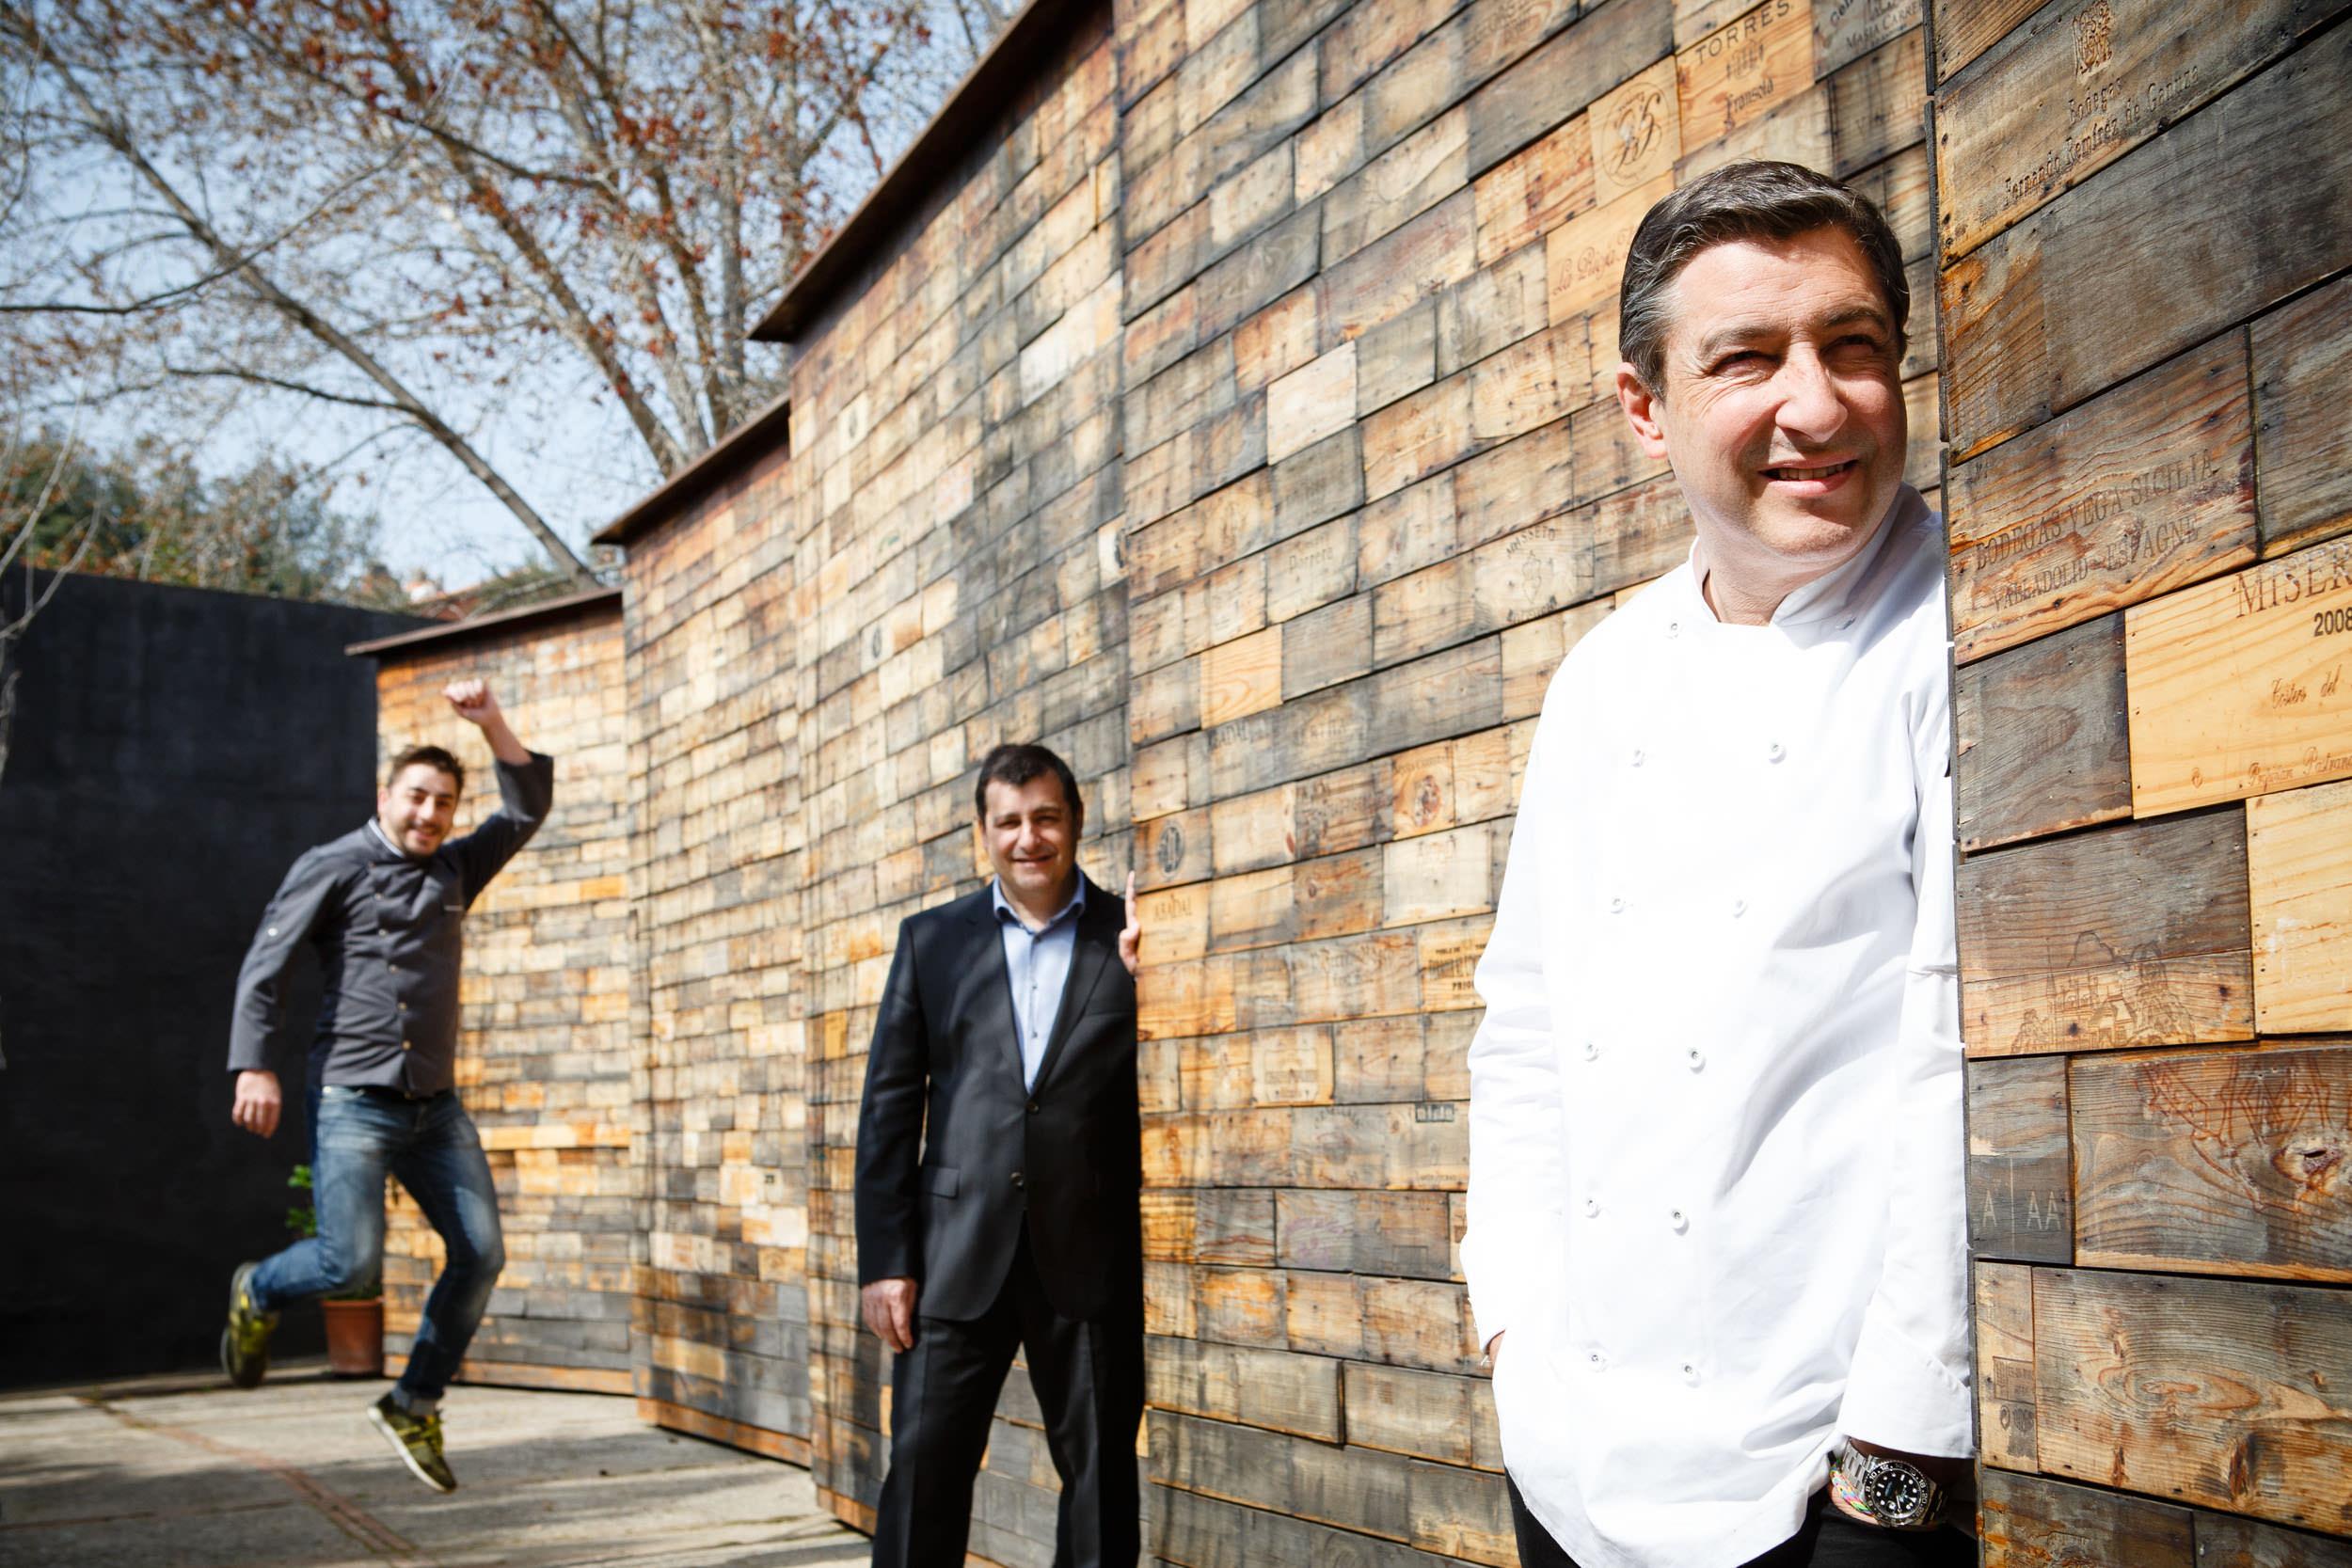 Fotografia de Retratos La Rioja Pais Vasco España - James Sturcke - sturcke.org_026.jpg